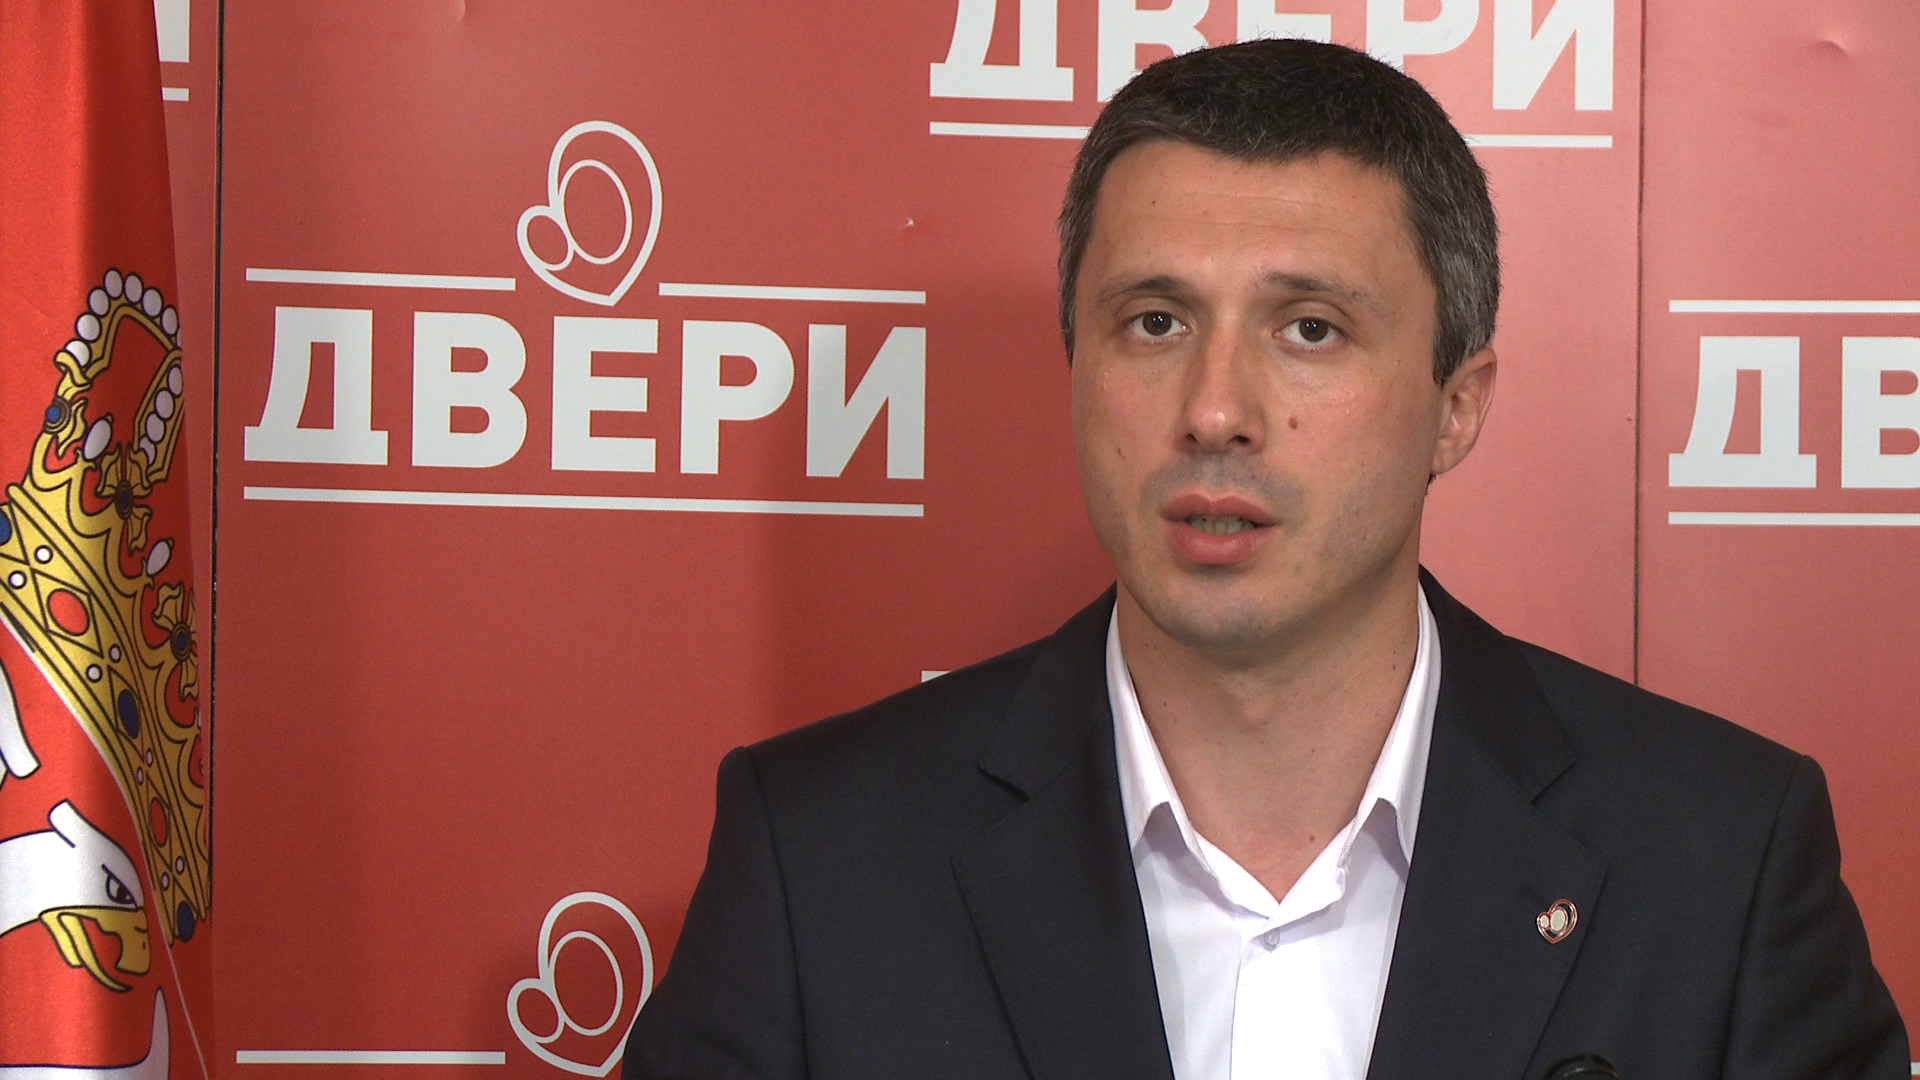 Skupština Srbije:  posvađala se desnica